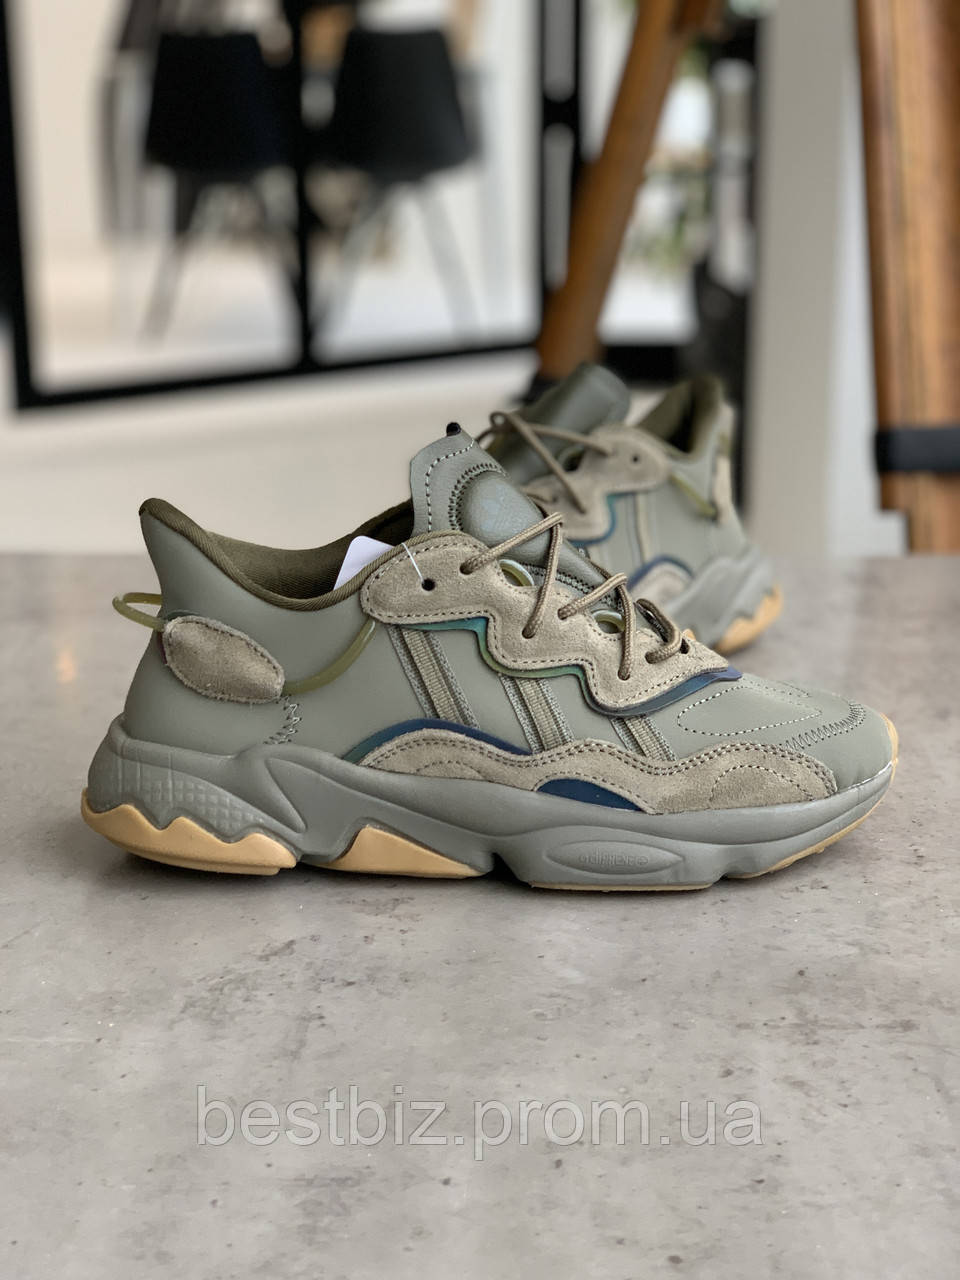 Кросівки Adidas Ozweego Haki Адідас Озвиго Хакі (41,42,43,44)